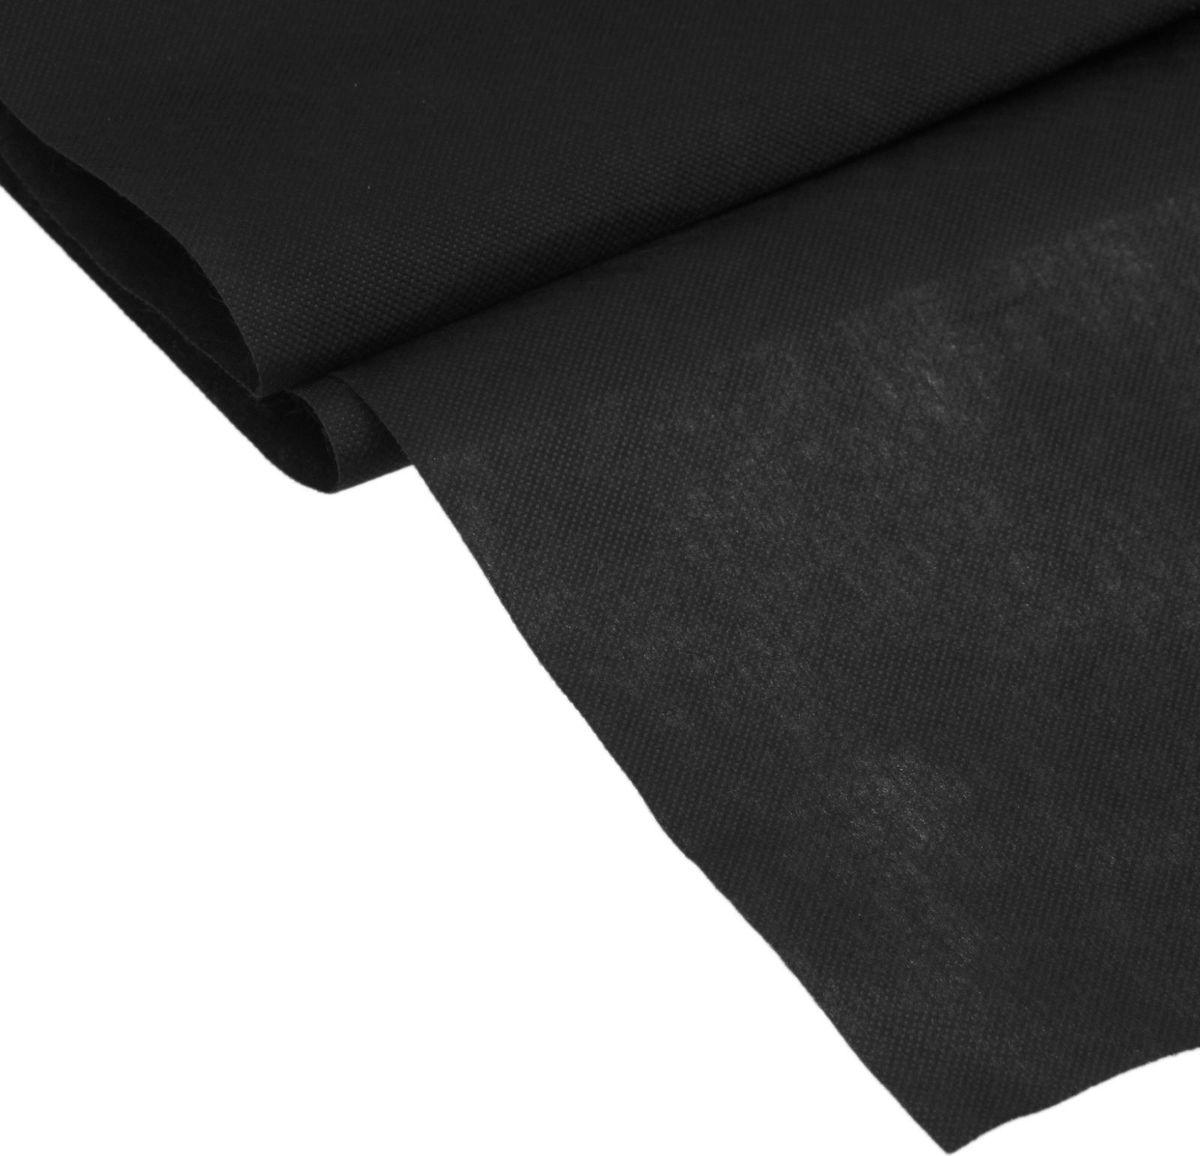 Материал укрывной Агротекс, цвет: черный, 10 х 3,2 м 6935771124415Многофункциональность, надёжность и высокое качество — вот отличительные черты укрывного материала «Агротекс». Позаботьтесь о своих посадках заранее! Укрывной материал можно использовать на грядках.Благодаря специально разработанной текстуре он обеспечит надёжную защиту даже самых ранних побегов от: заморозковсолнечных ожоговхолодной росыдождейптиц и грызунов. Он создаёт мягкий, комфортный микроклимат, который способствует росту и развитию рассады. Благодаря новейшим разработкам укрывной материал удерживает влагу, и растения реже нуждаются в поливе. Ближе к зиме опытные садоводы укутывают им стволы деревьев, теплицы и грядки, чтобы исключить промерзание земли и корневой системы. Материал «Агротекс» поможет вам ускорить процесс созревания растений, повысит урожайность, сэкономит средства и силы по уходу за садом.